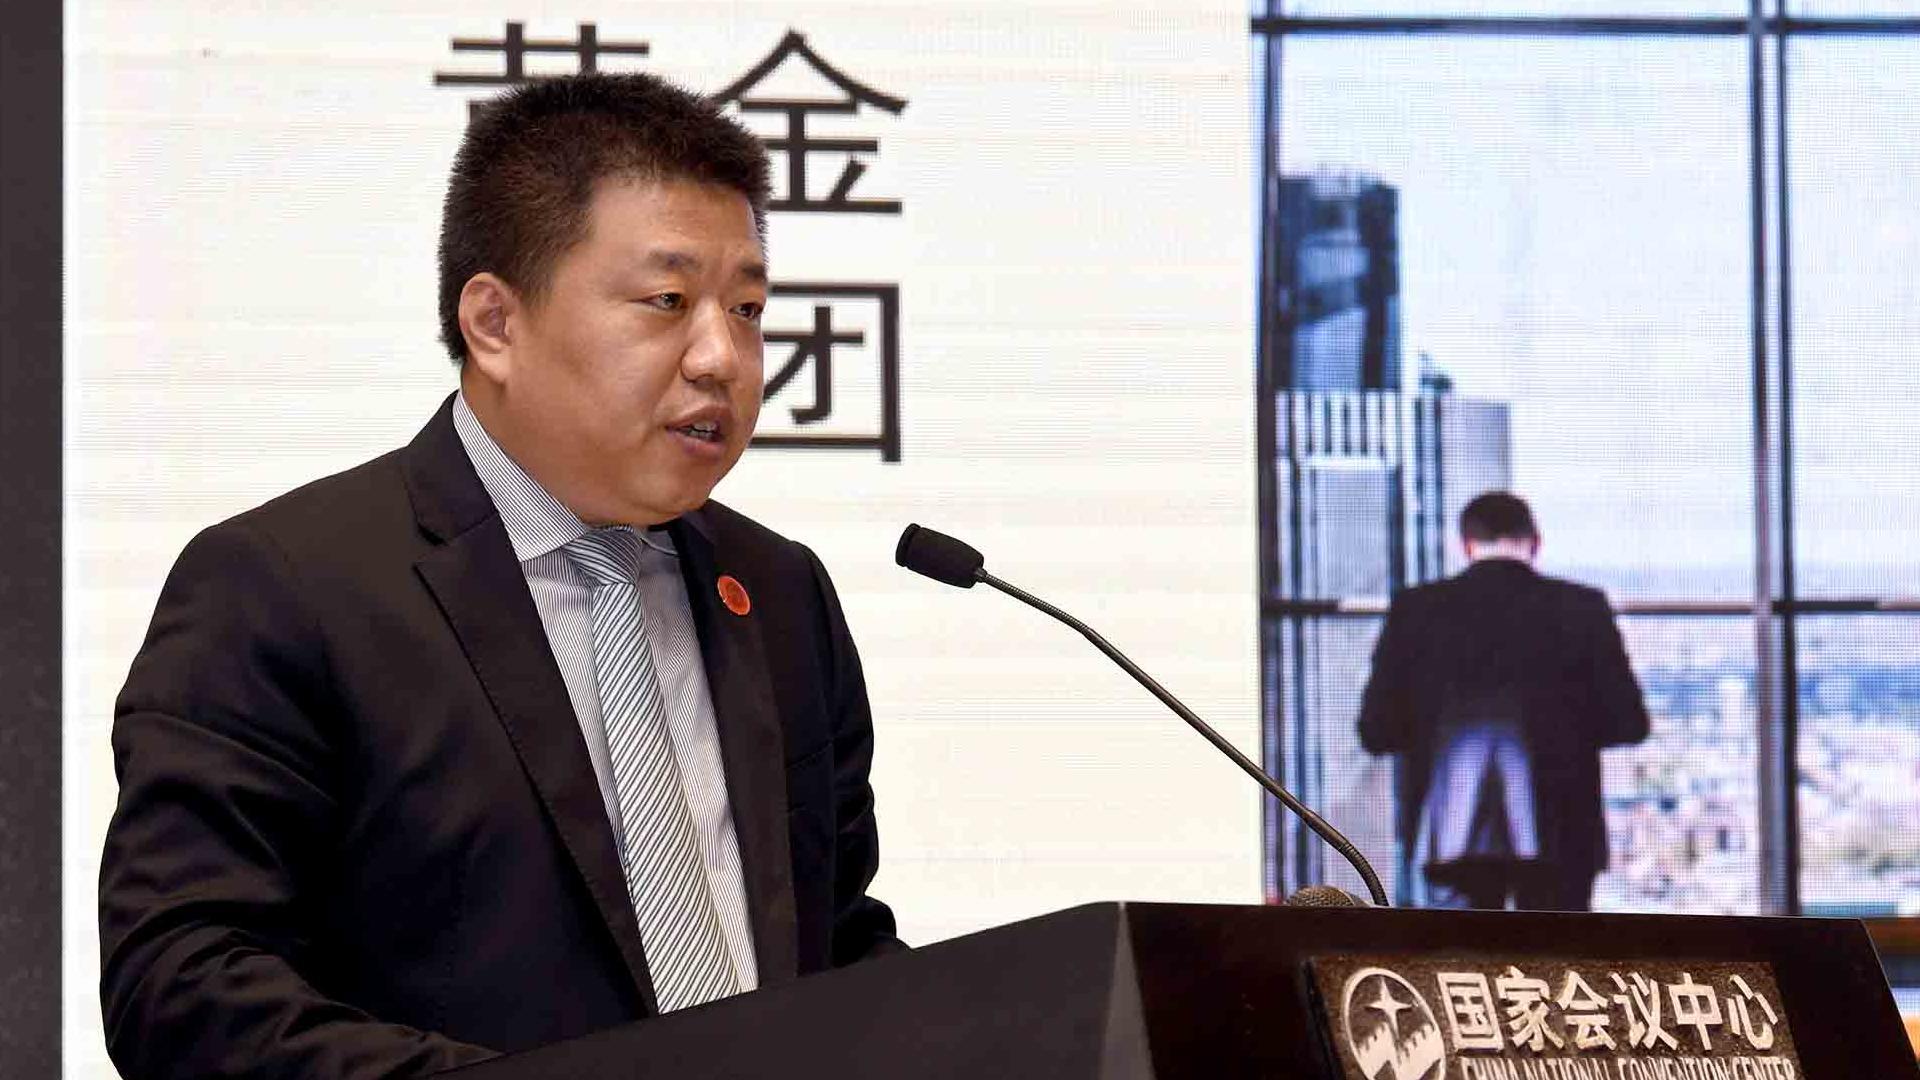 山金金控总经理张峰发表演讲